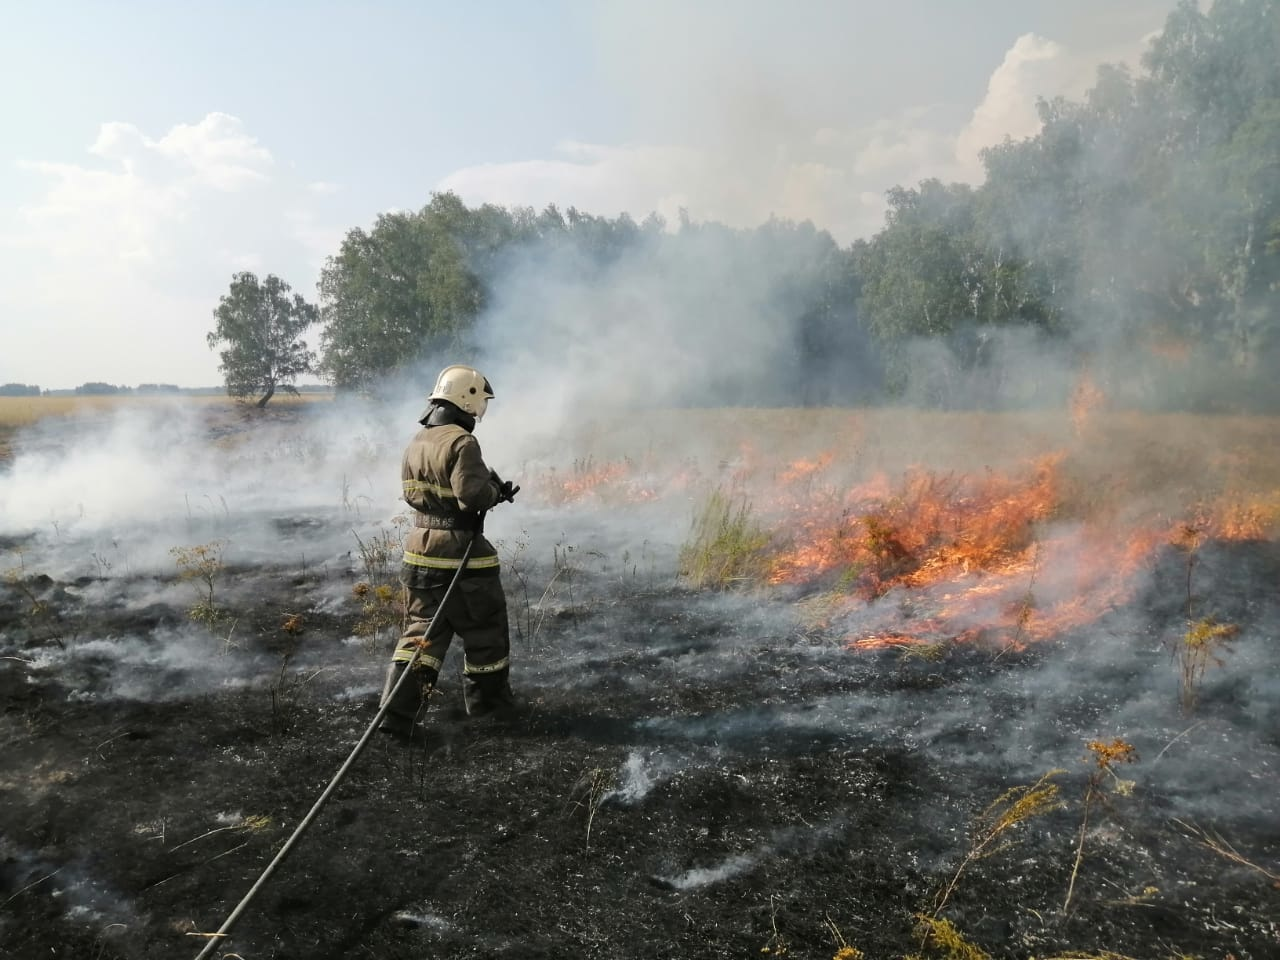 В Омской области сгорело «сто футбольных полей» травы #Новости #Общество #Омск